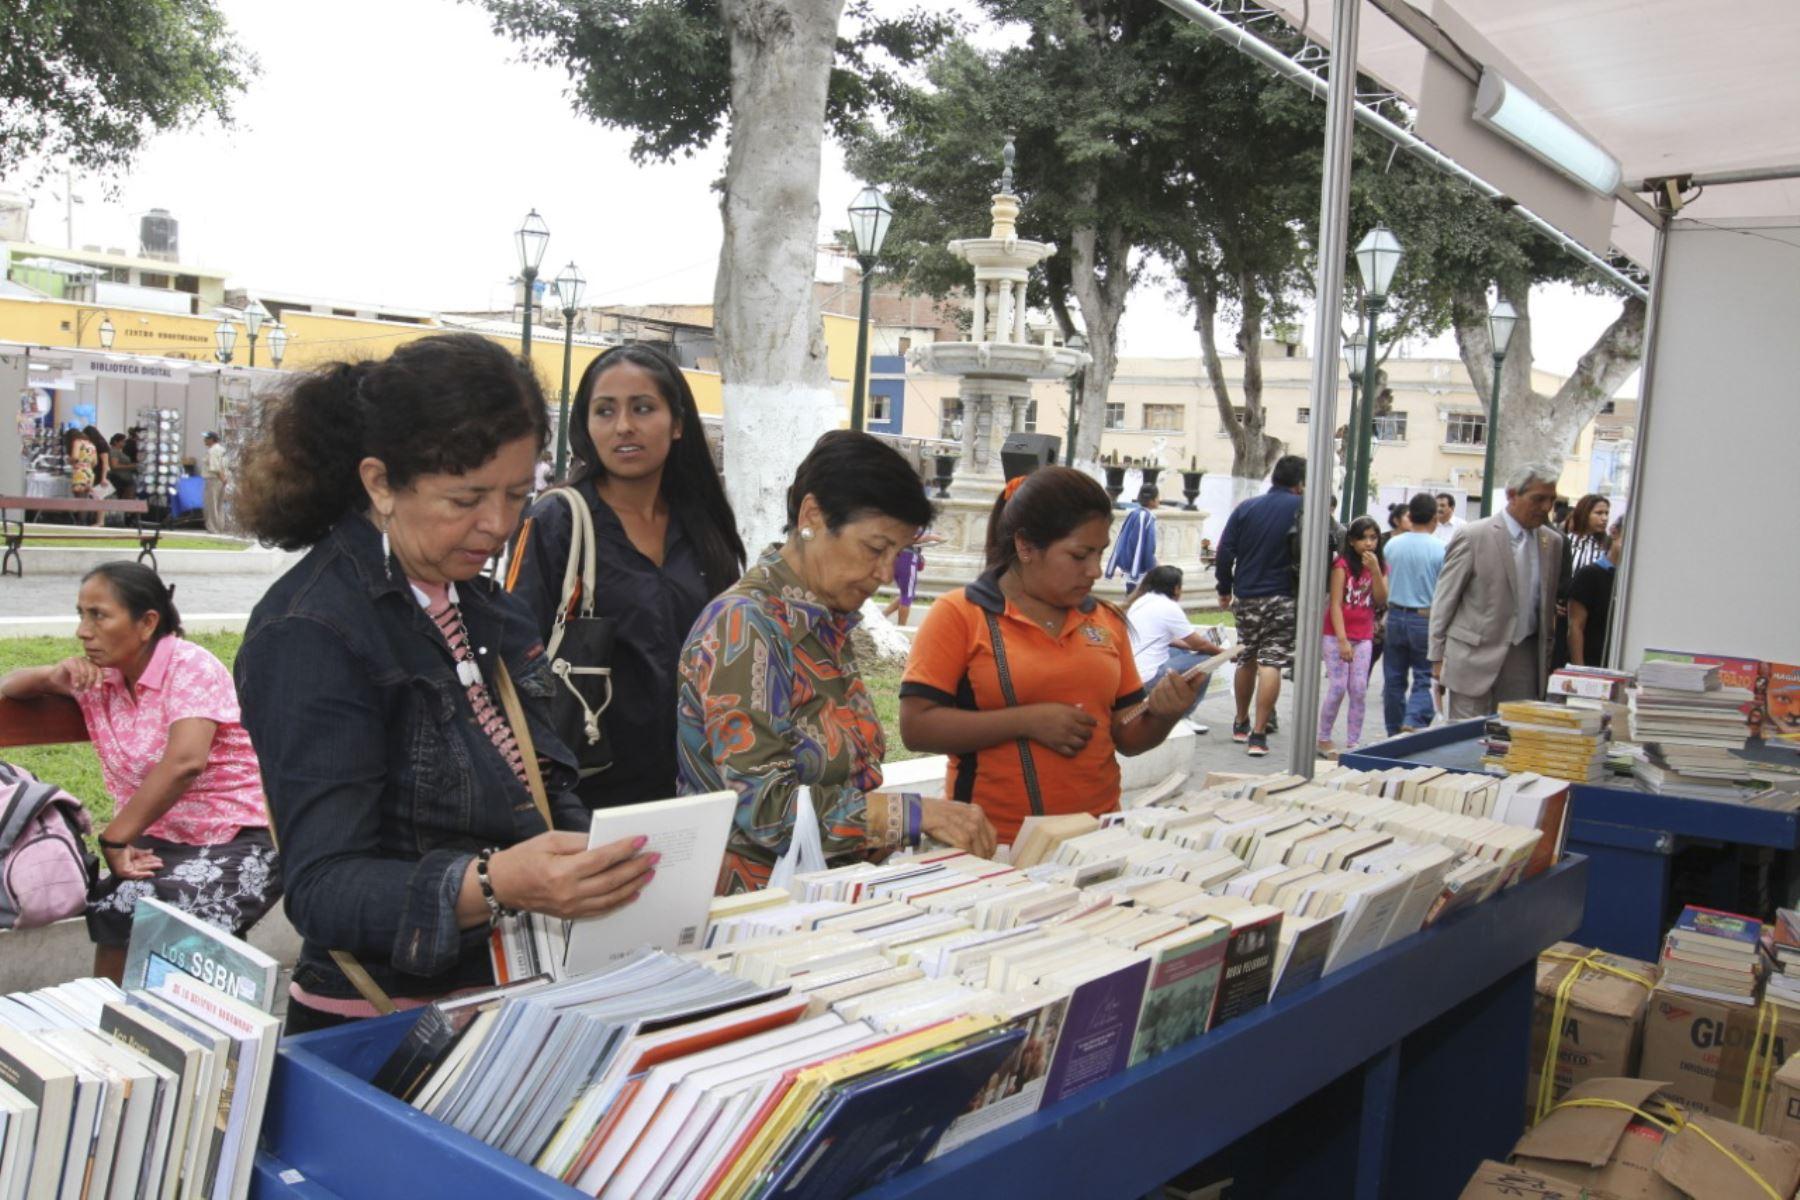 La Feria Internacional del Libro de Trujillo se desarrollará de manera virtual del 20 al 30 de noviembre. Foto: ANDINA/Difusión